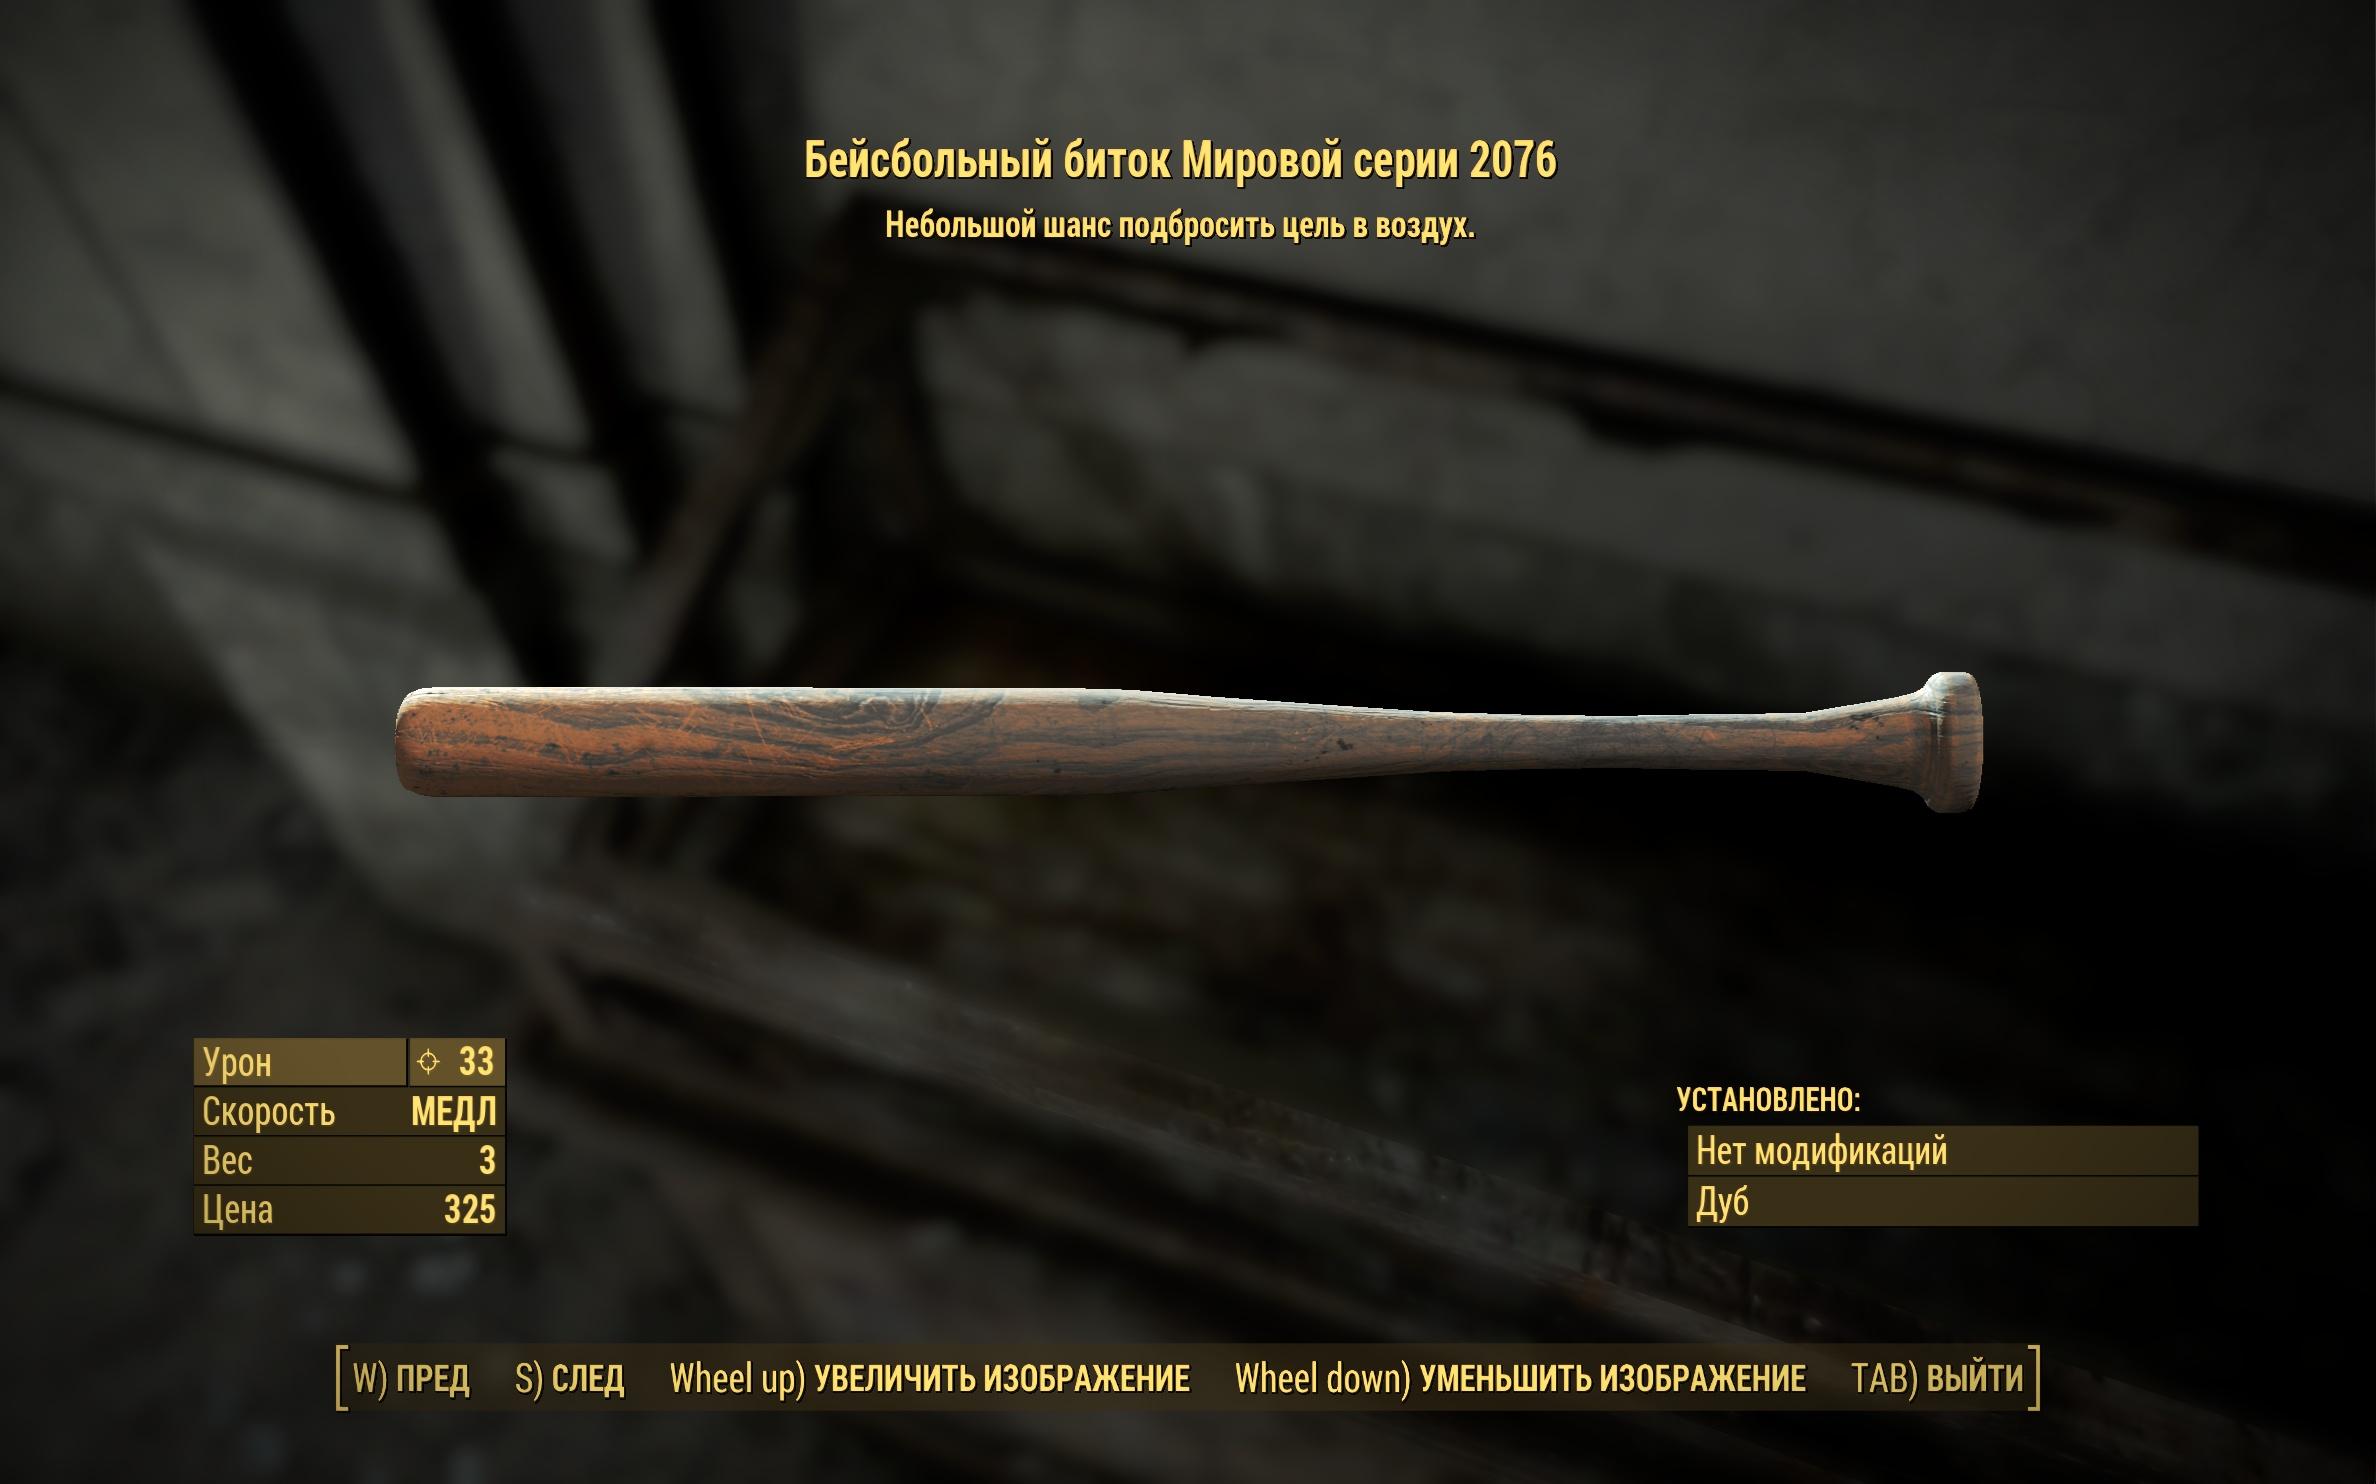 Бейсбольный биток Мировой серии 2076 - Fallout 4 2076, Бейсбольный, биток, Мировая, Оружие, серия